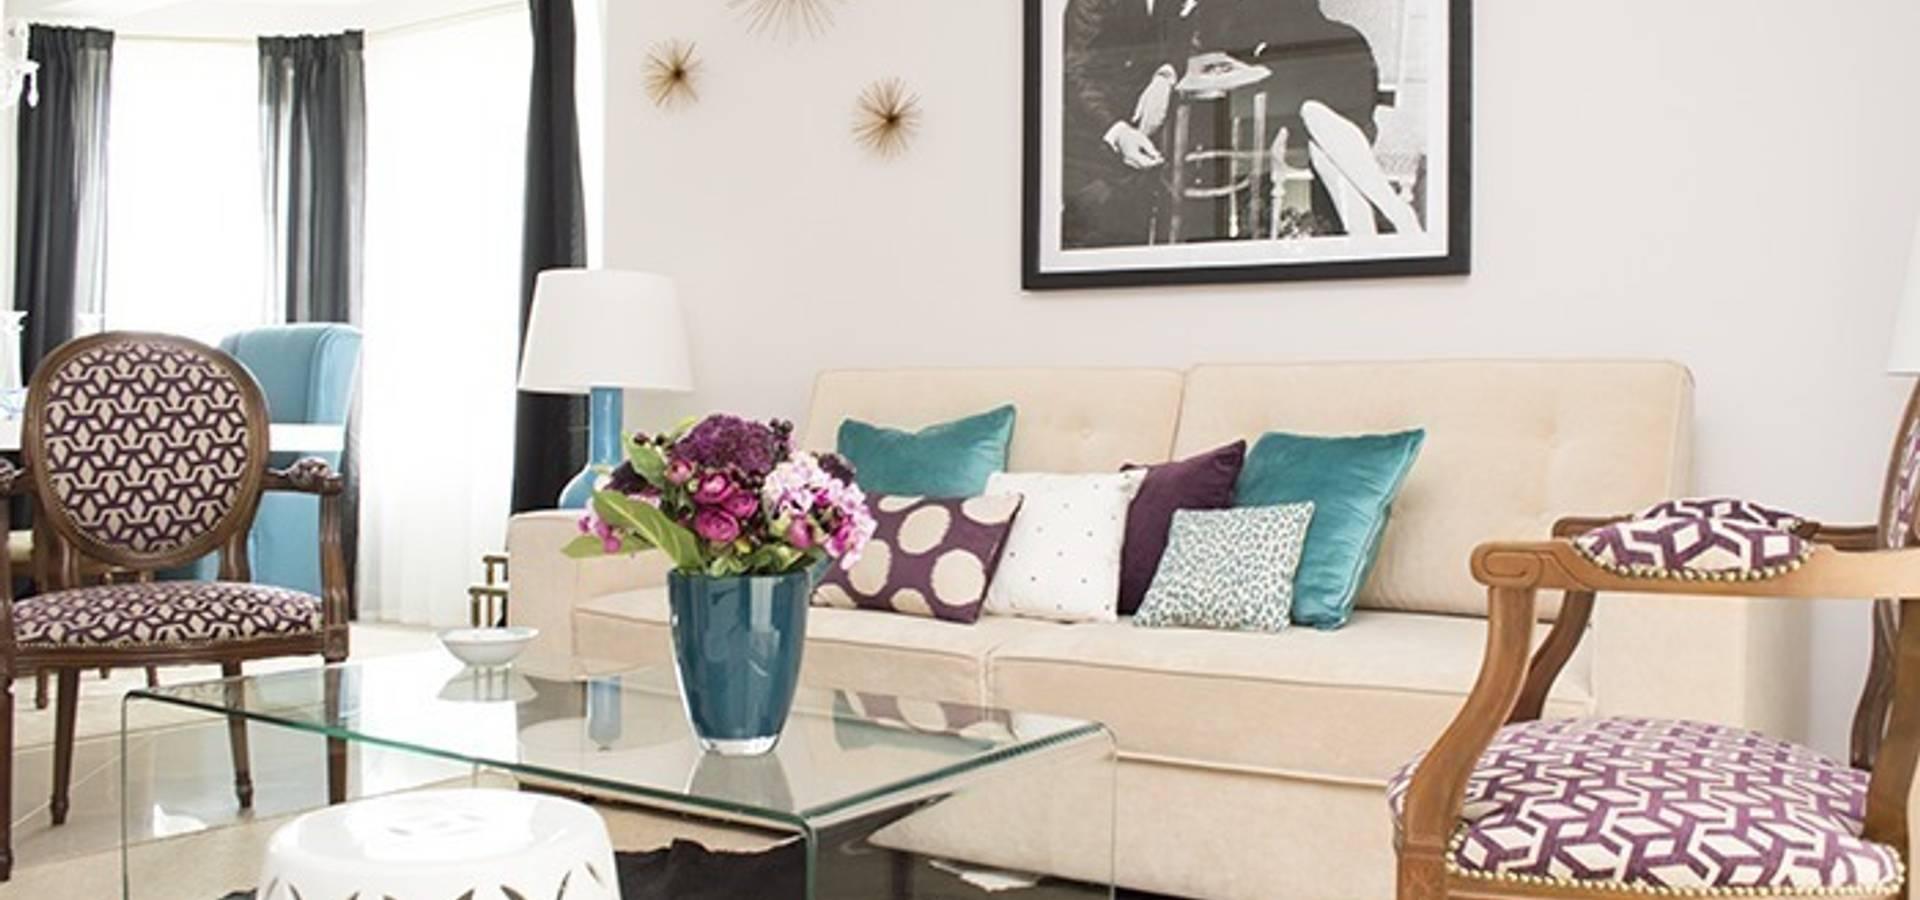 Edyta dise o decoraci n decoradores y dise adores de - Decoradores de interiores en madrid ...